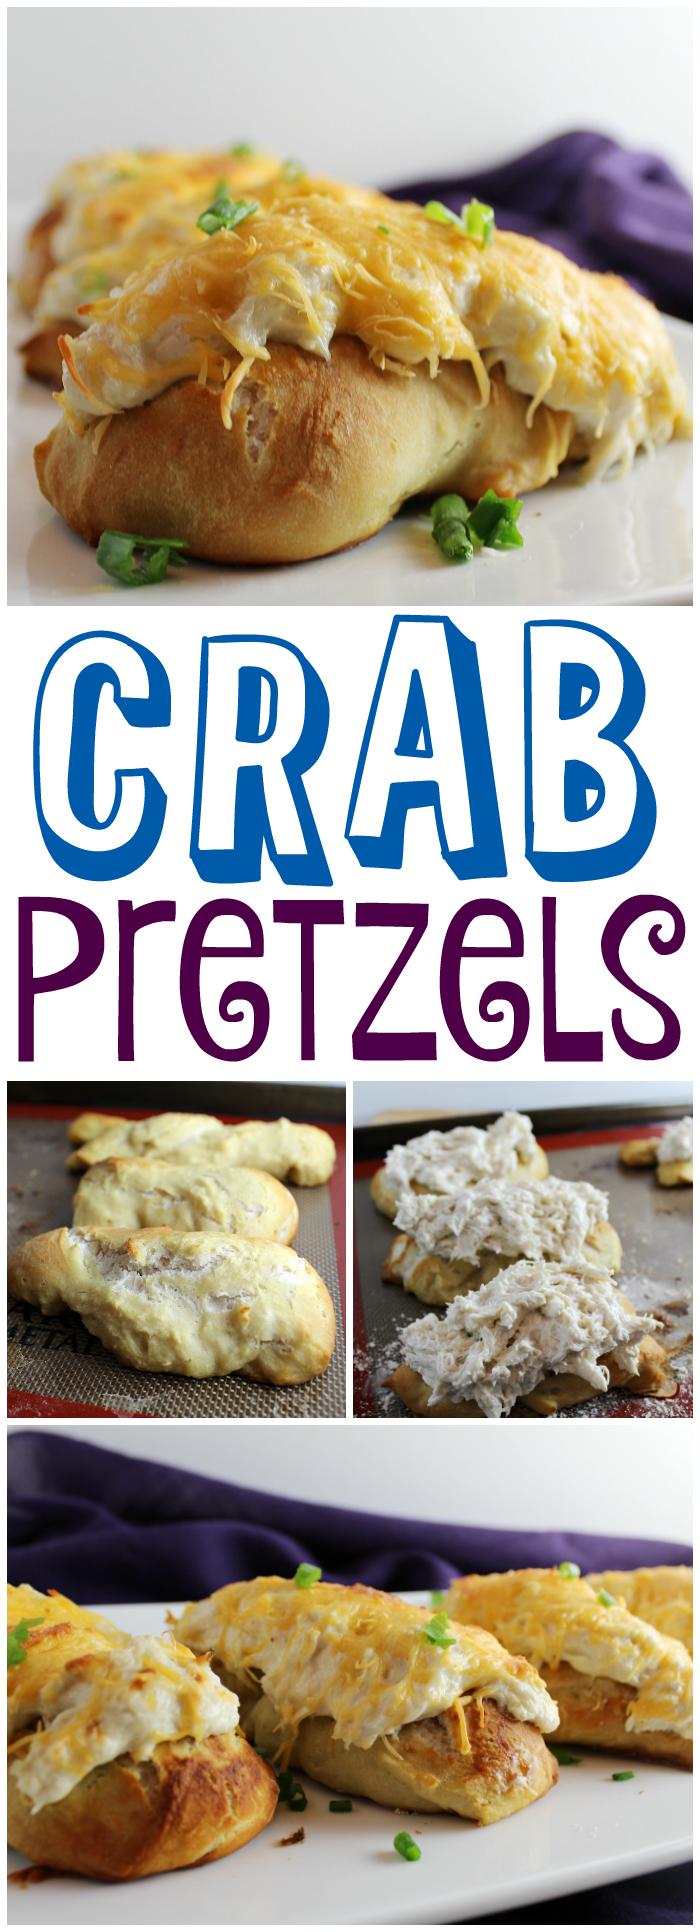 Crab Pretzels